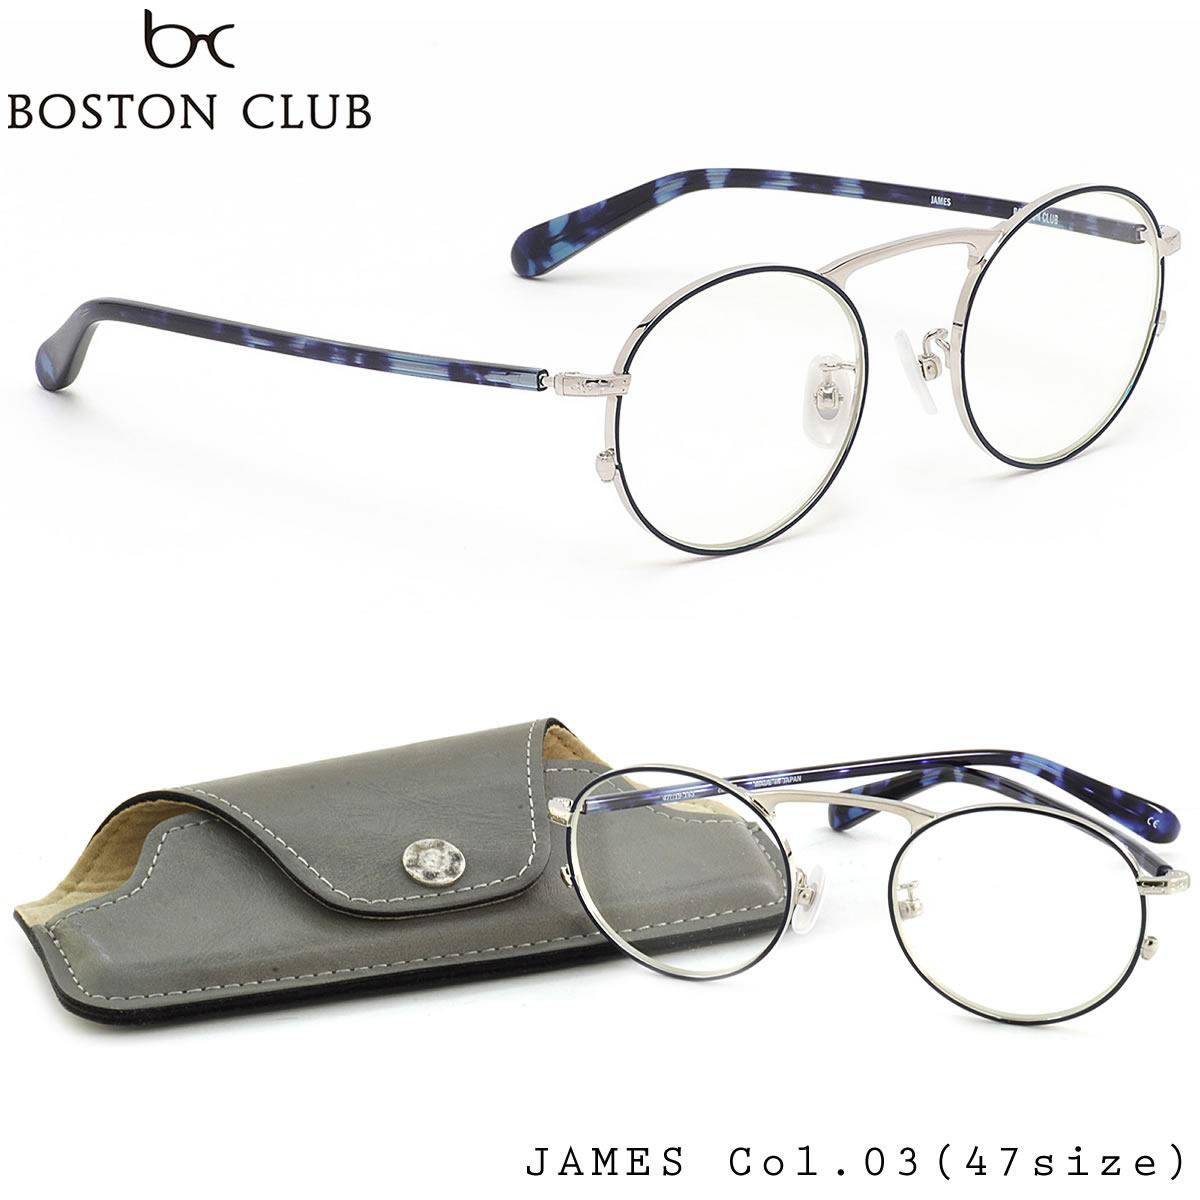 【10月30日からエントリーで全品ポイント20倍】【ボストンクラブ】 (BOSTON CLUB) メガネ 伊達メガネセットJAMES 03 47サイズ日本製 BOSTONCLUB メンズ レディース